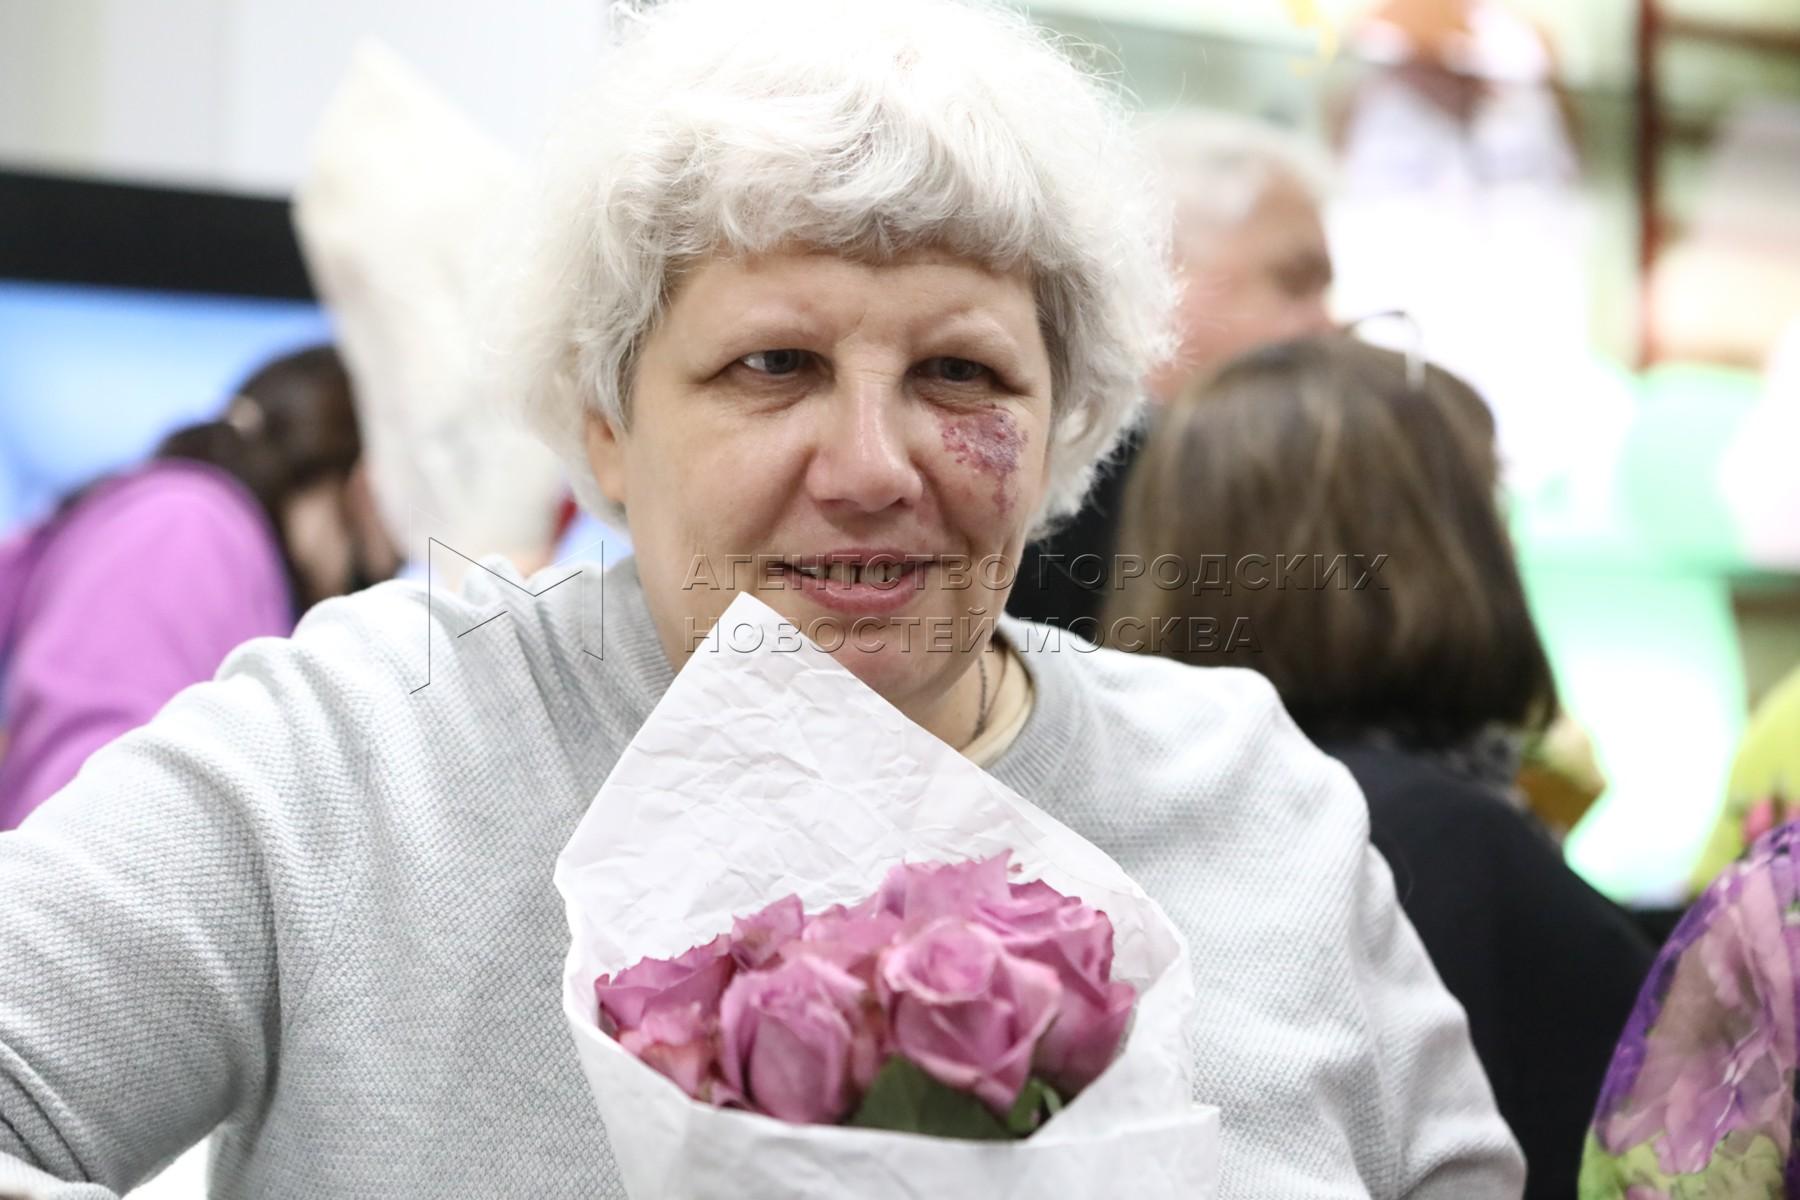 Празднование 85-летия киностудии «Союзмультфильм».